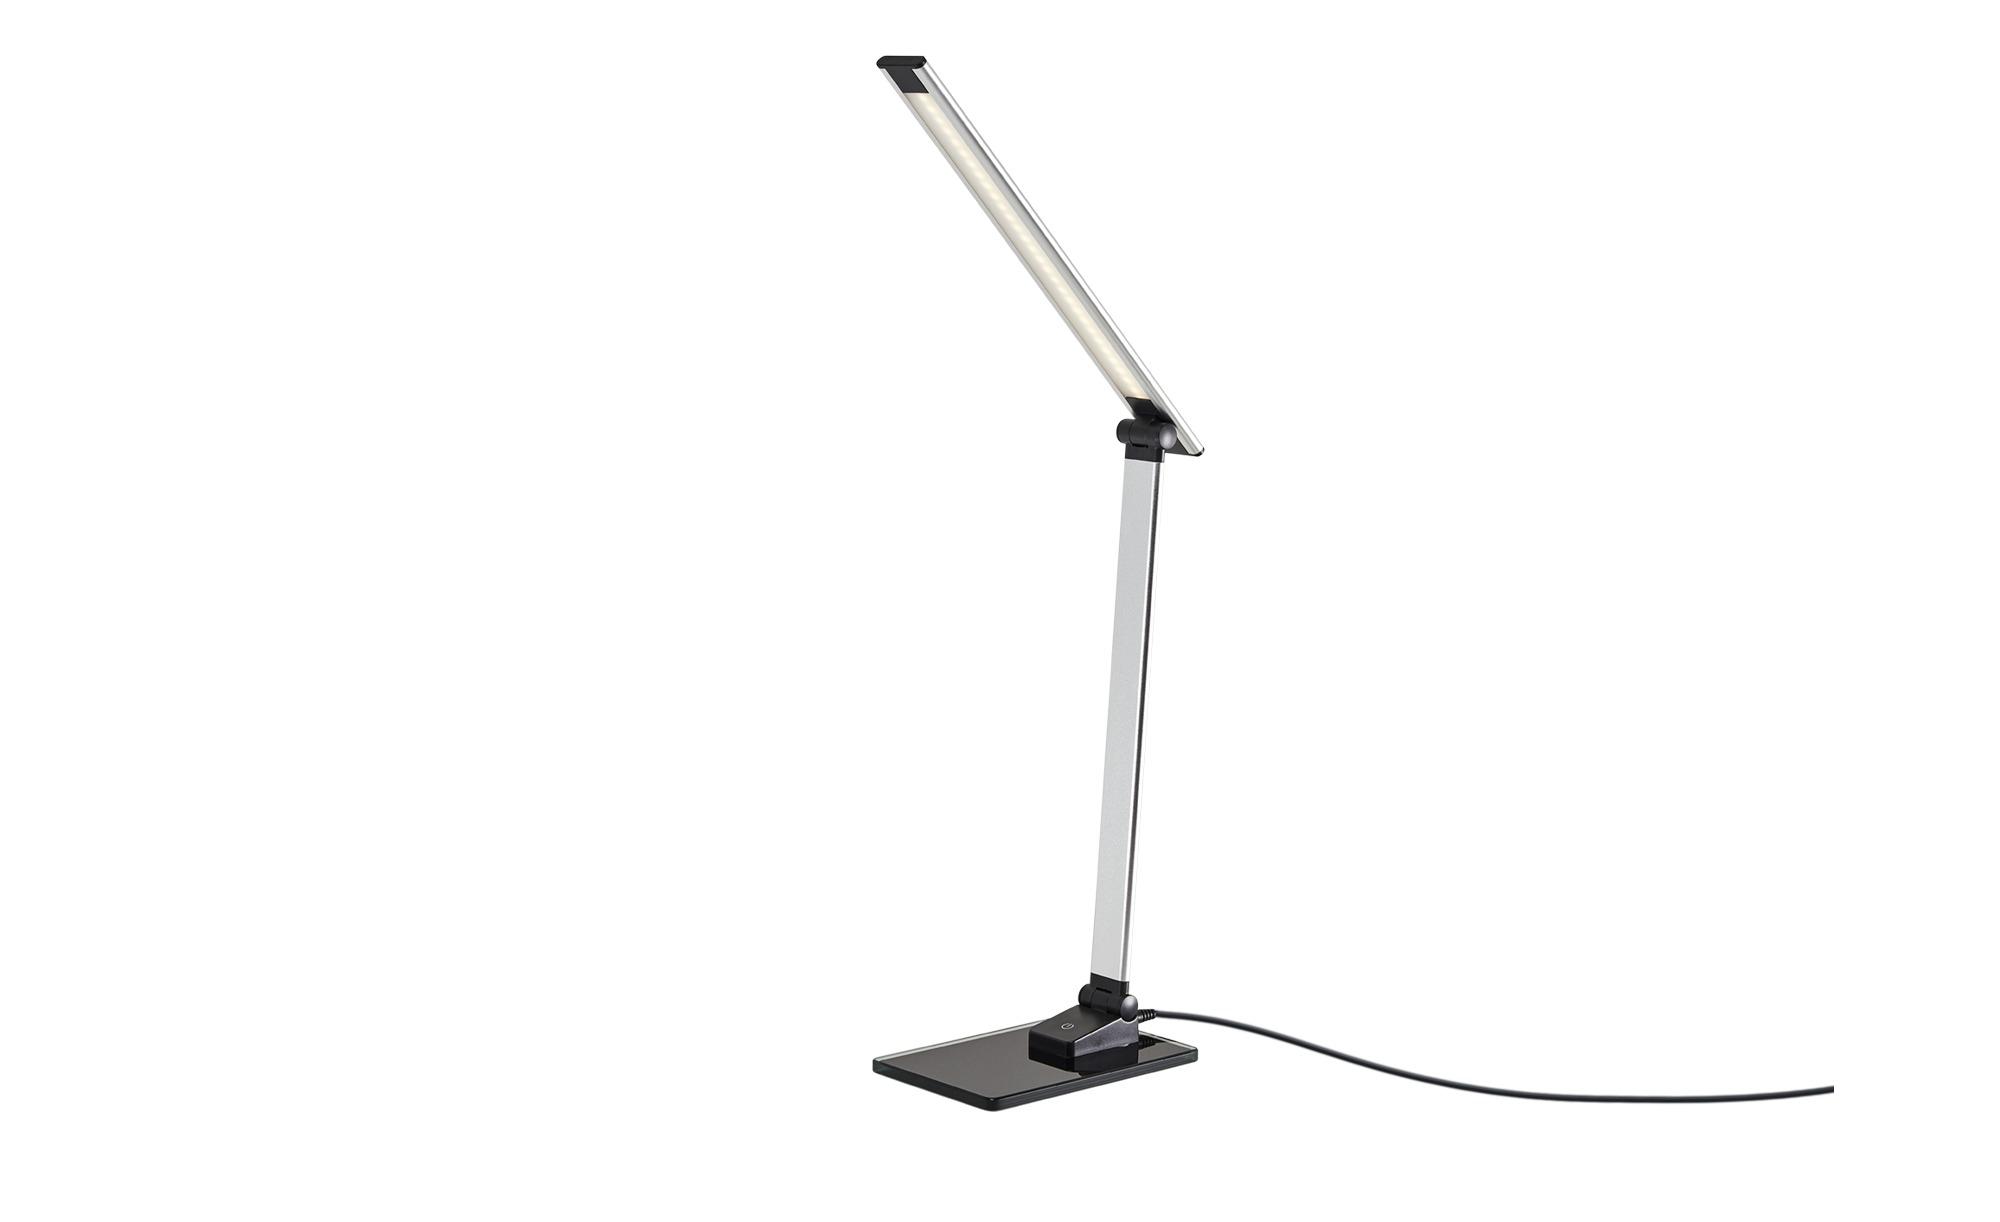 KHG LED-Tischleuchte ¦ schwarz ¦ Maße (cm): B: 10,5 H: 36 Lampen & Leuchten > Innenleuchten > Tischlampen - Höffner